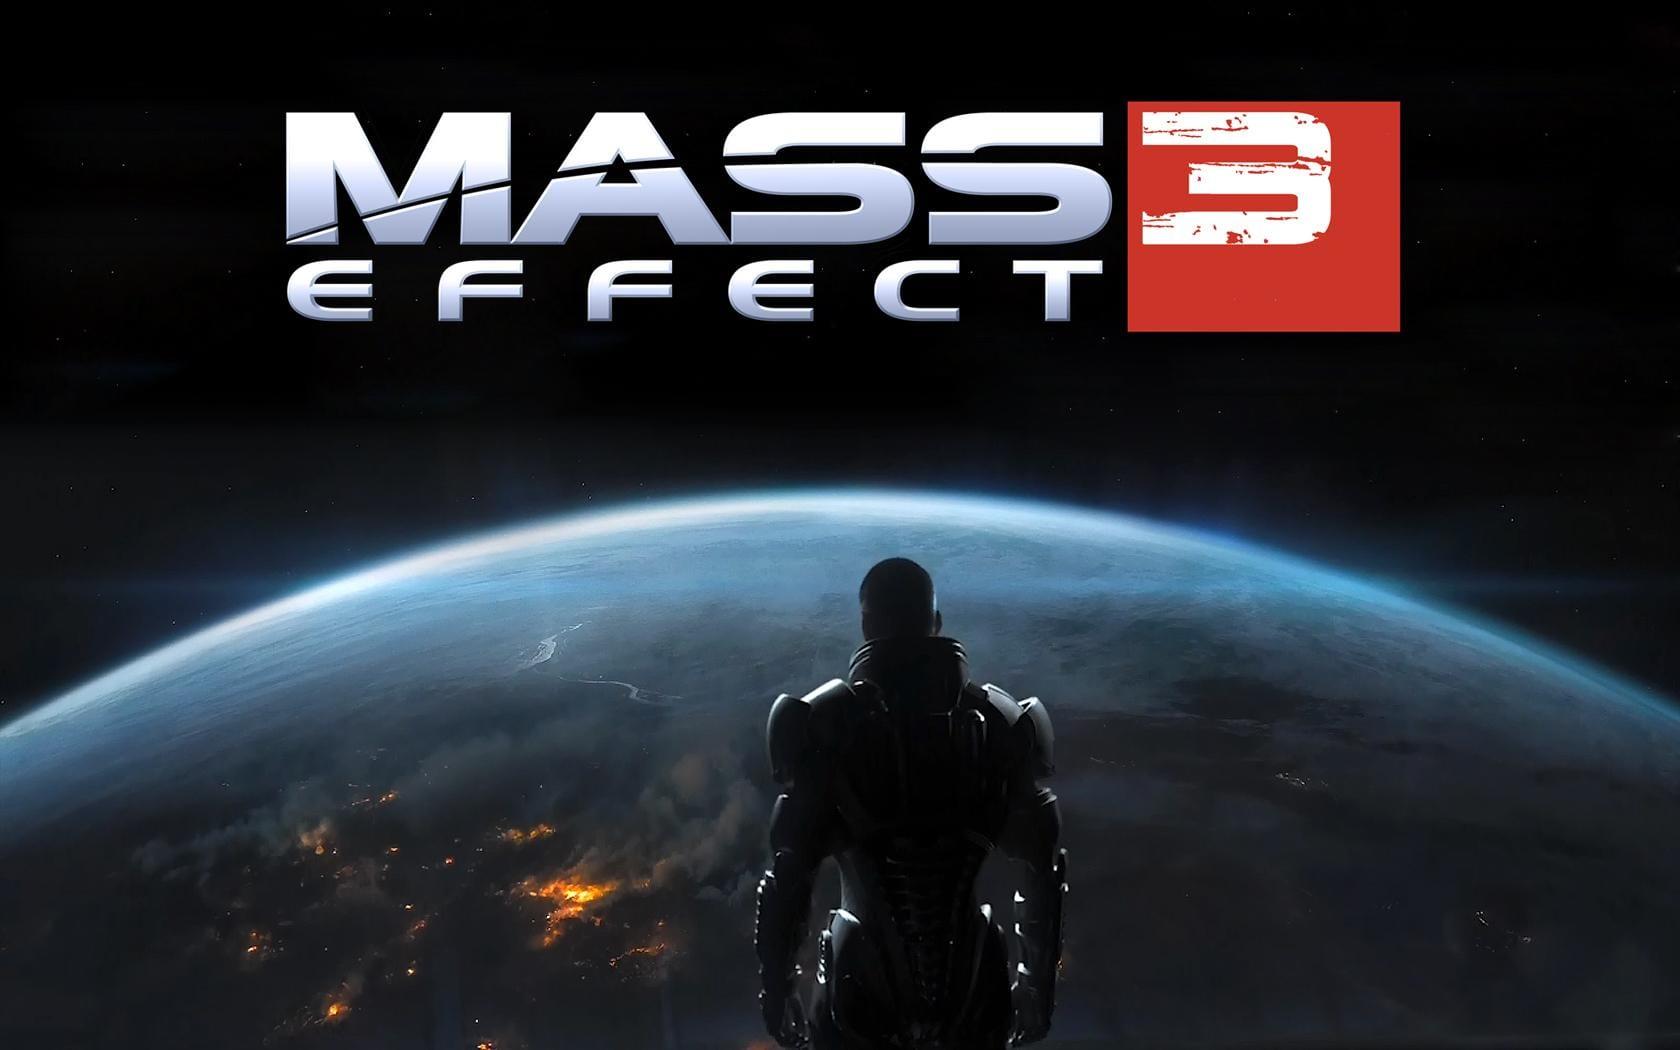 Mass Effect 3: Extended Cut DLC coming